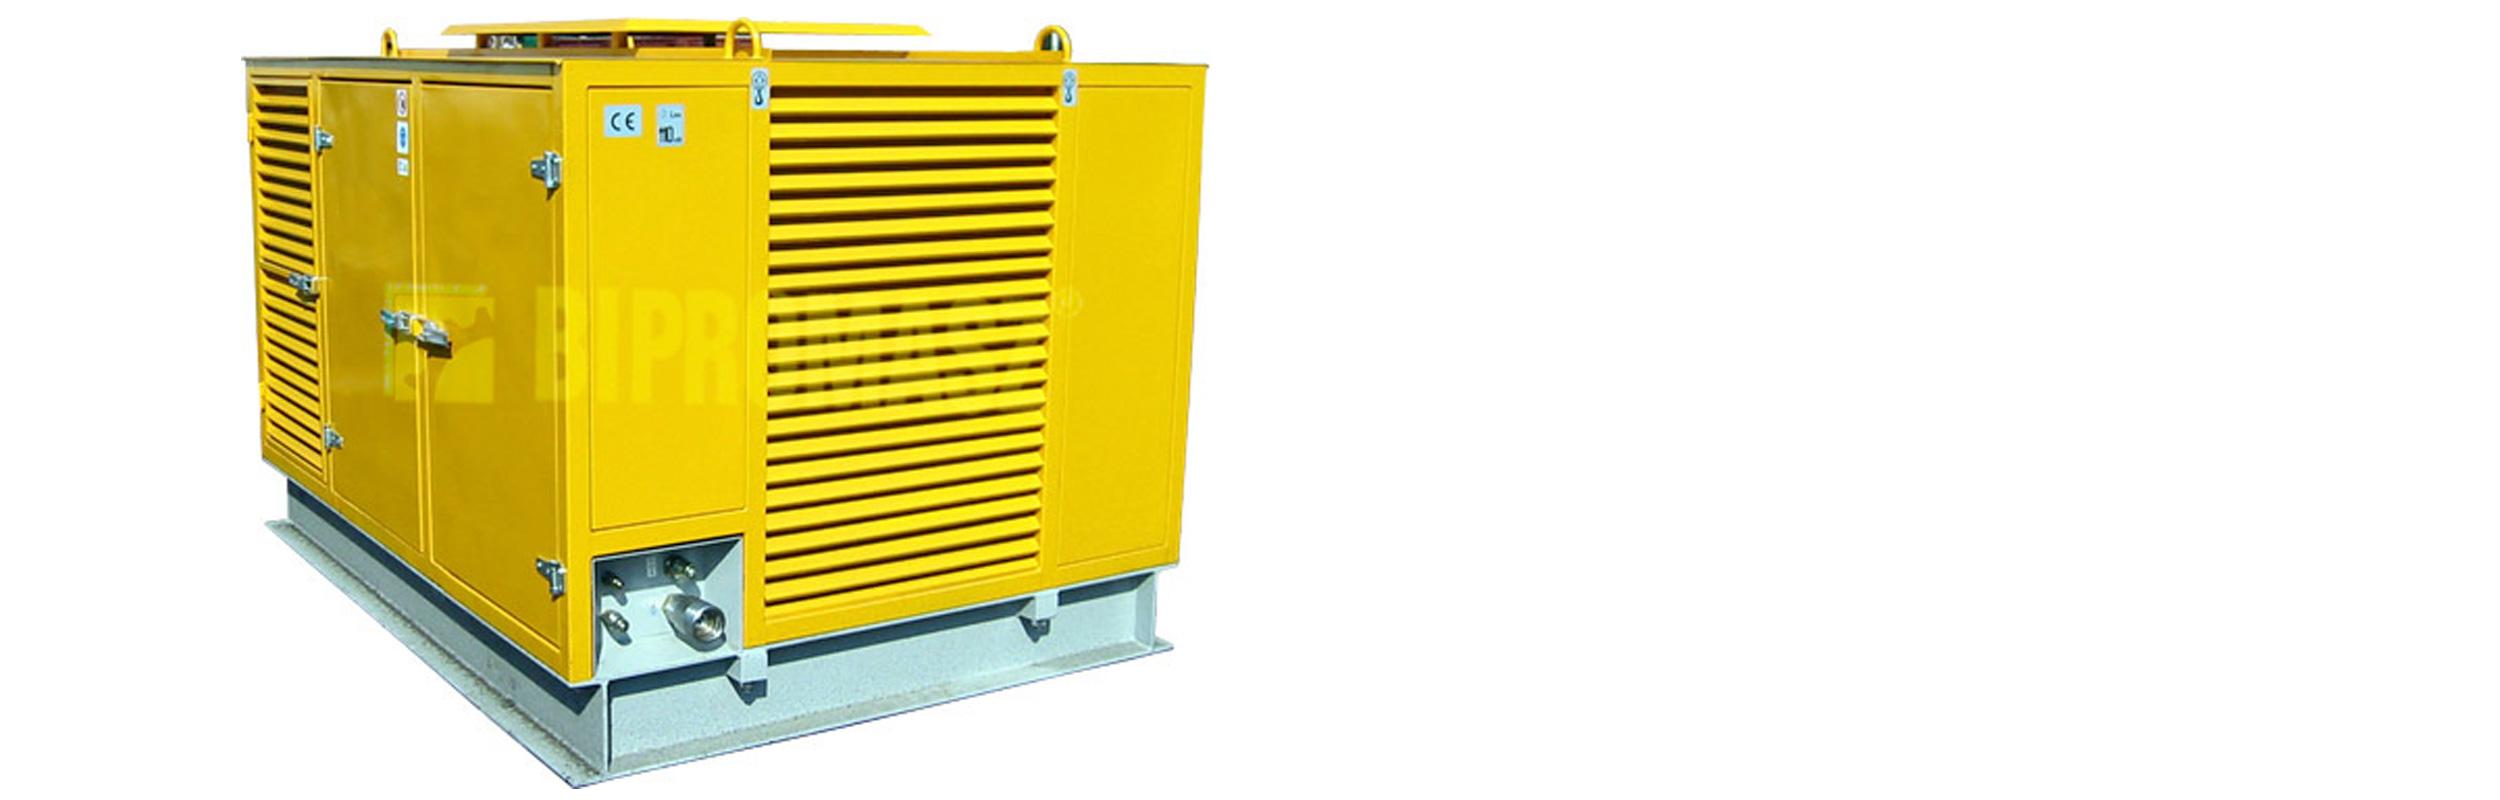 Hydrauliczny Agregat Spalinowy HAS-120 produkcji firmy Bipromasz